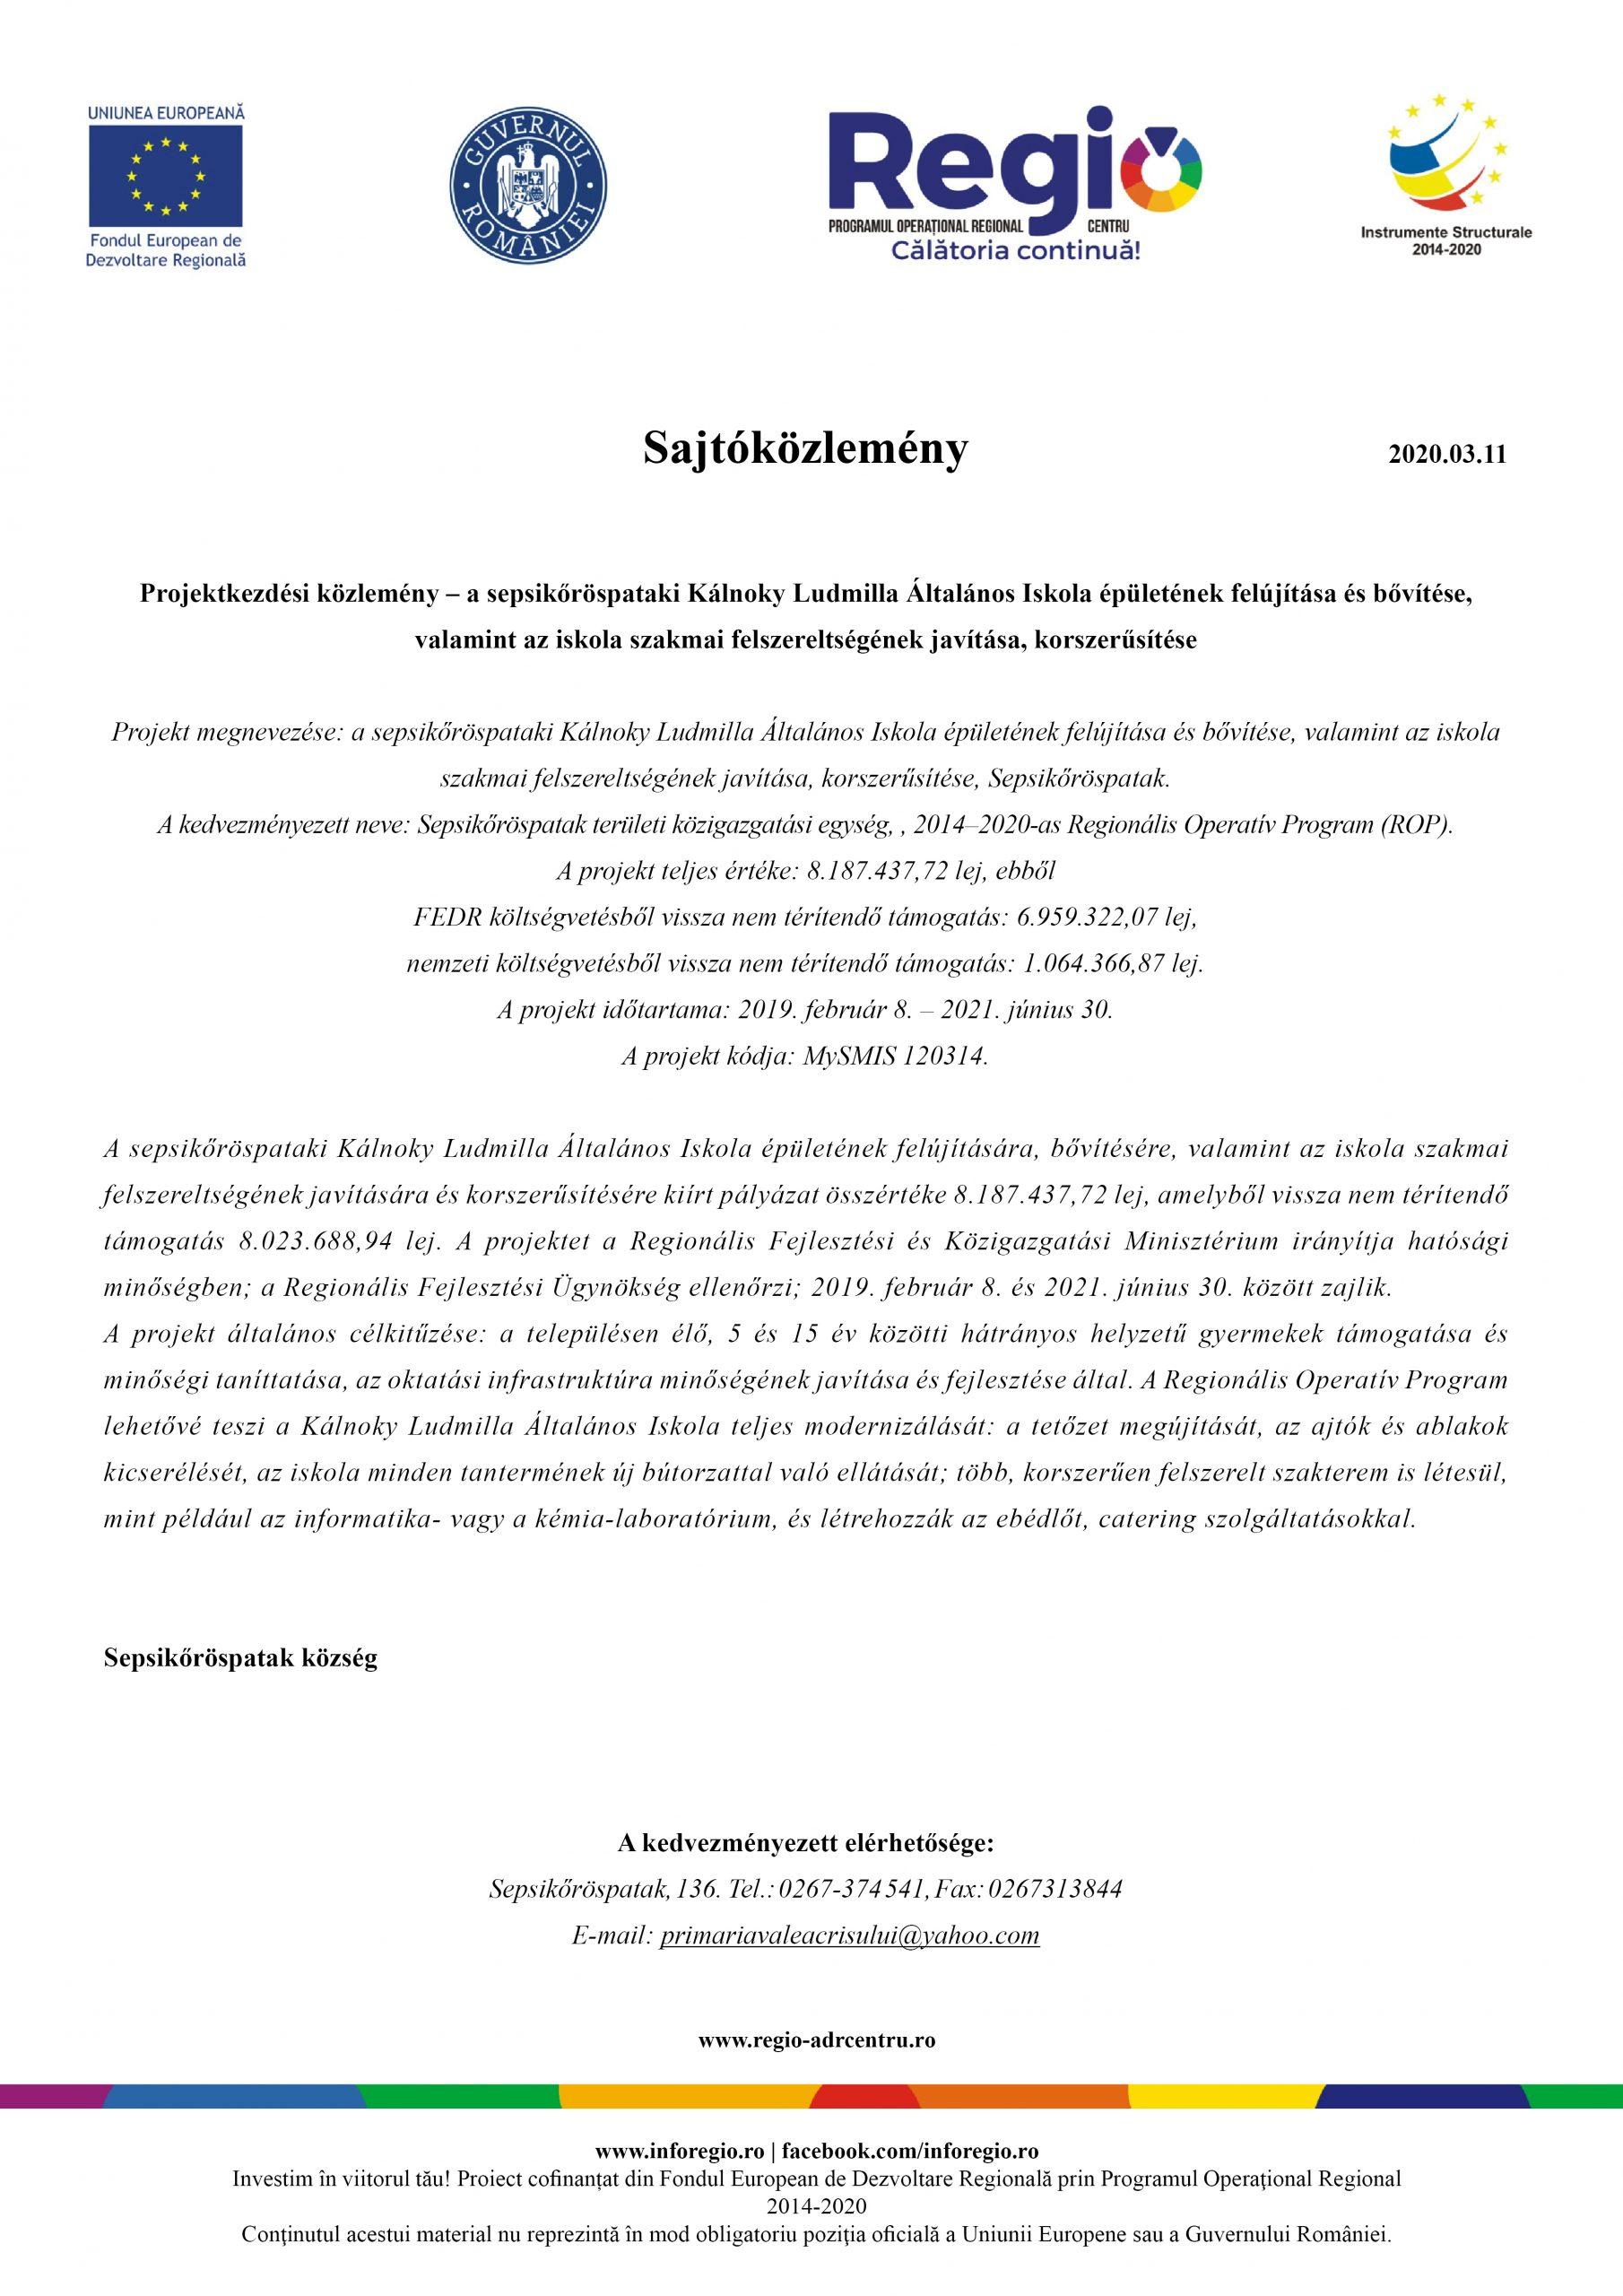 Projektkezdési közlemény – a sepsikőröspataki Kálnoky Ludmilla Általános Iskola épületének felújítása és bővítése, valamint az iskola szakmai felszereltségének javítása, korszerűsítése